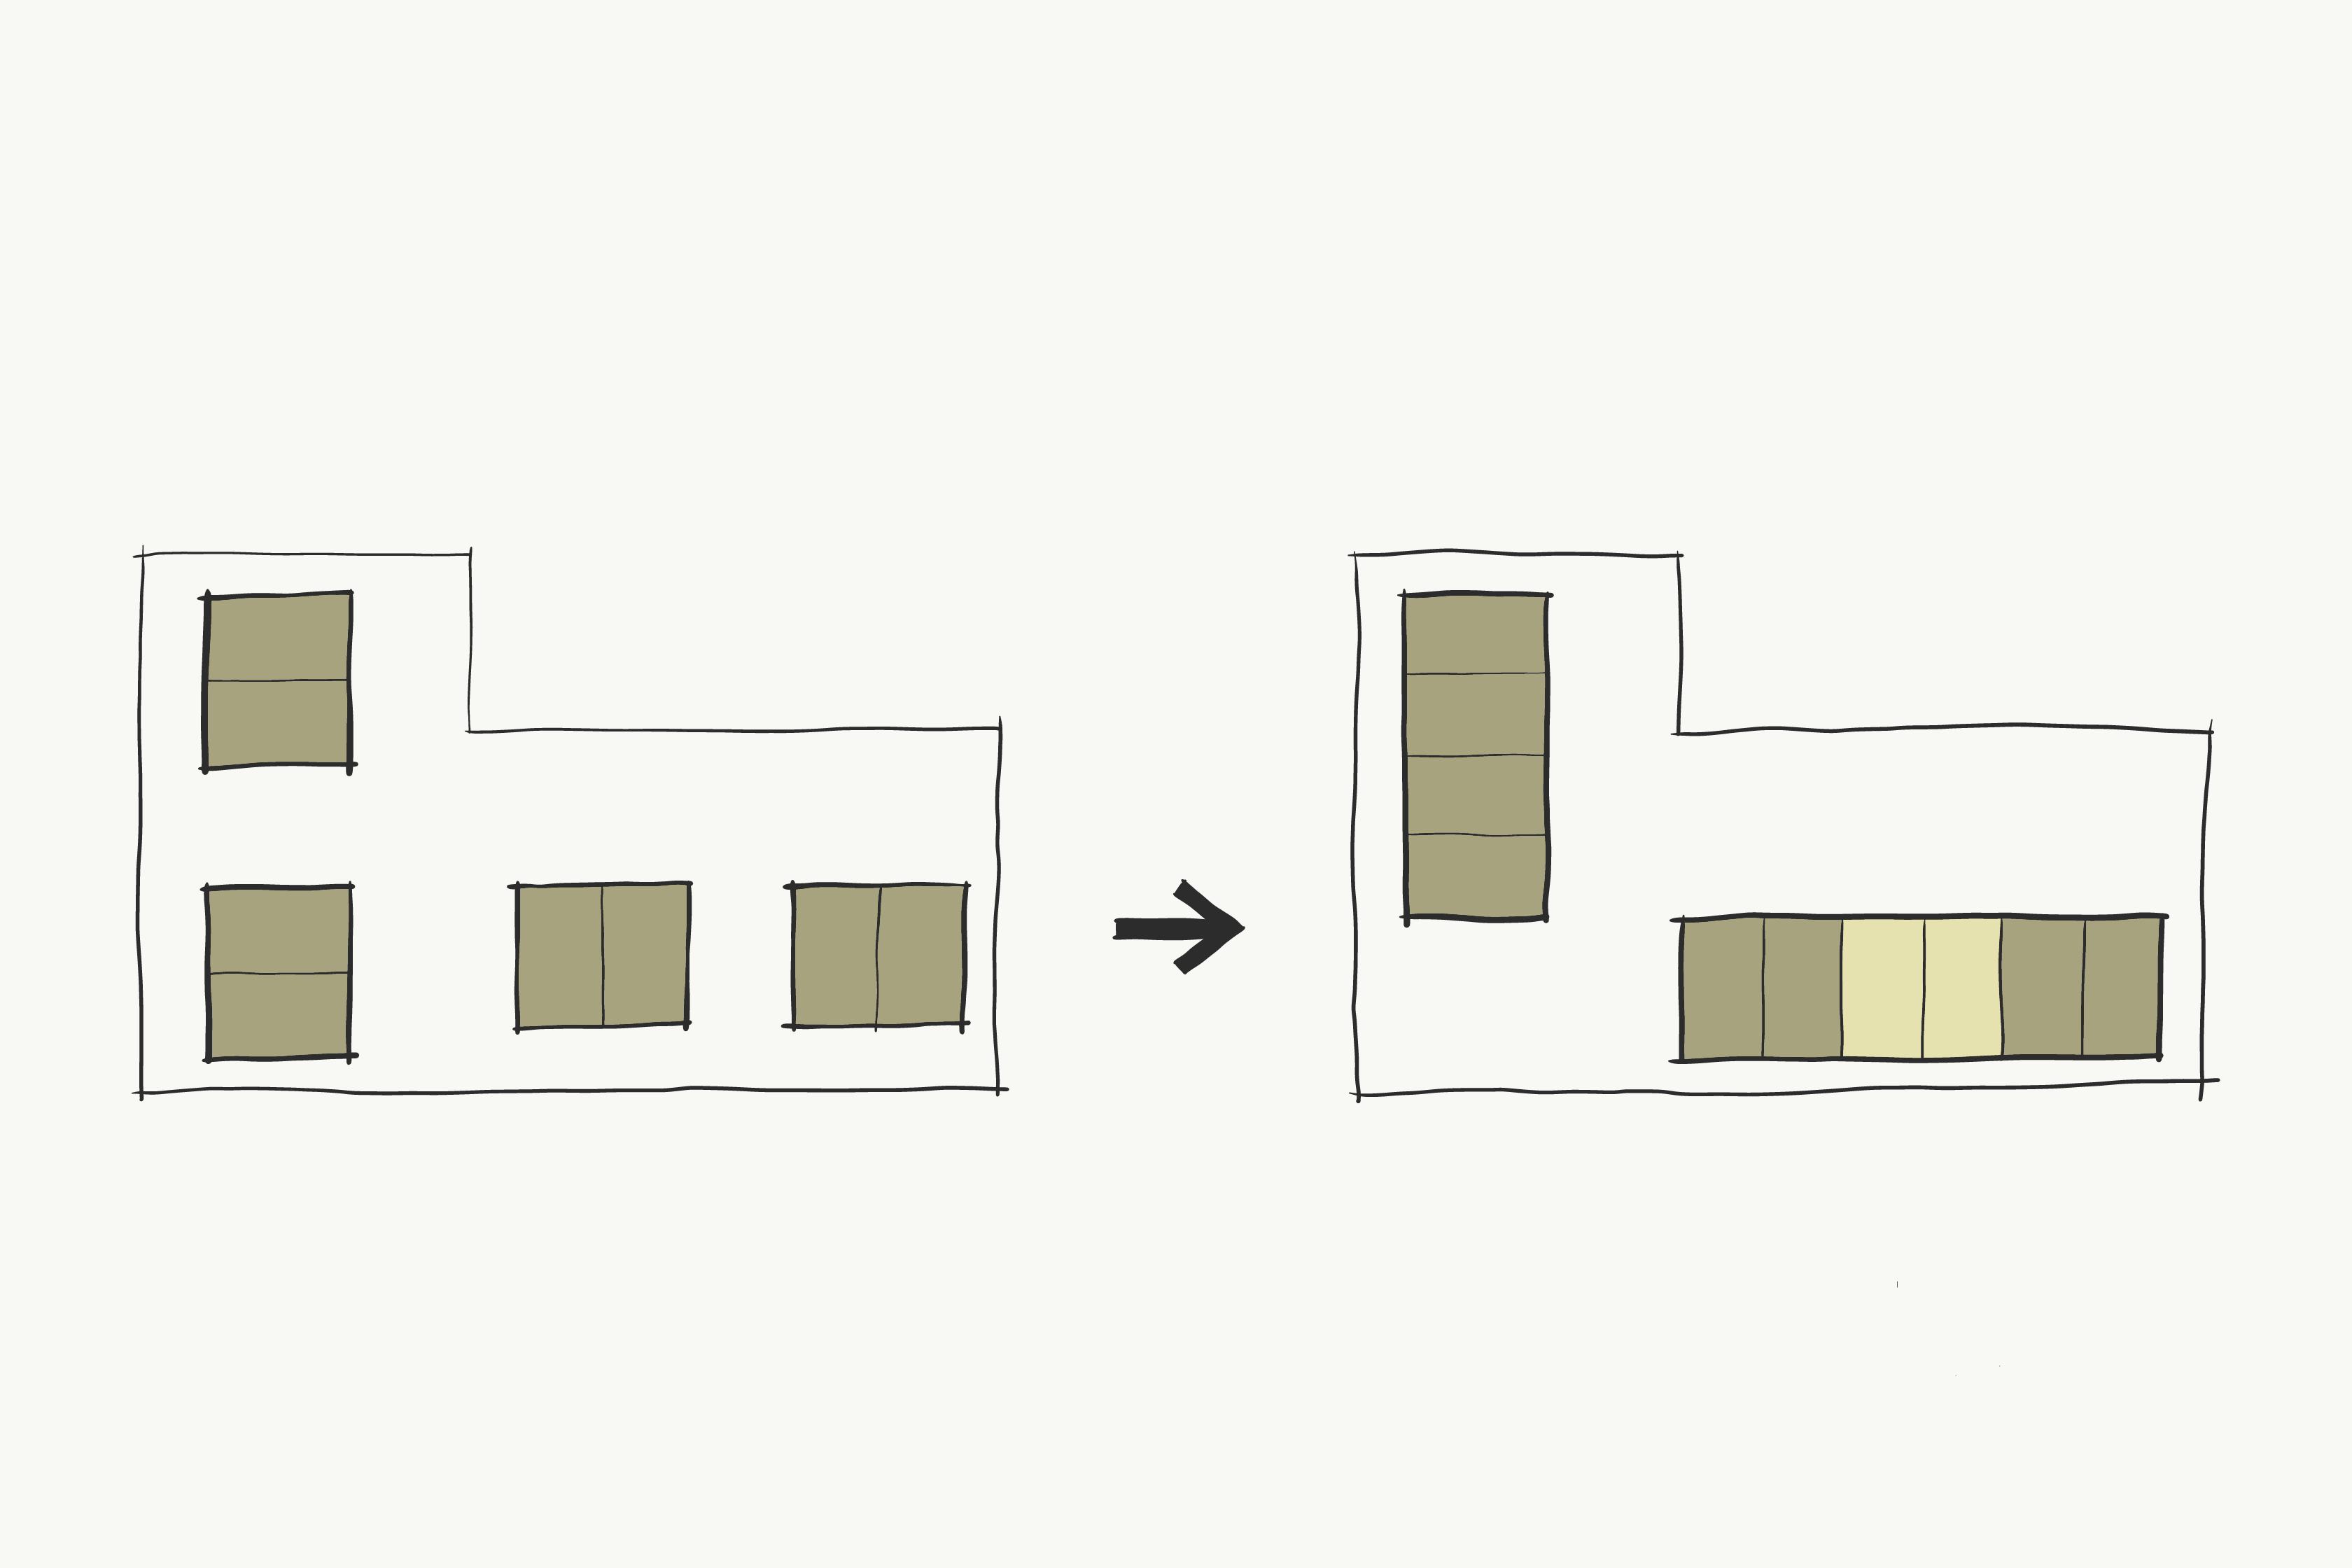 Concept van bakstenen woonblokken met starterswoningen in Schalkwijk, Provincie Utrecht